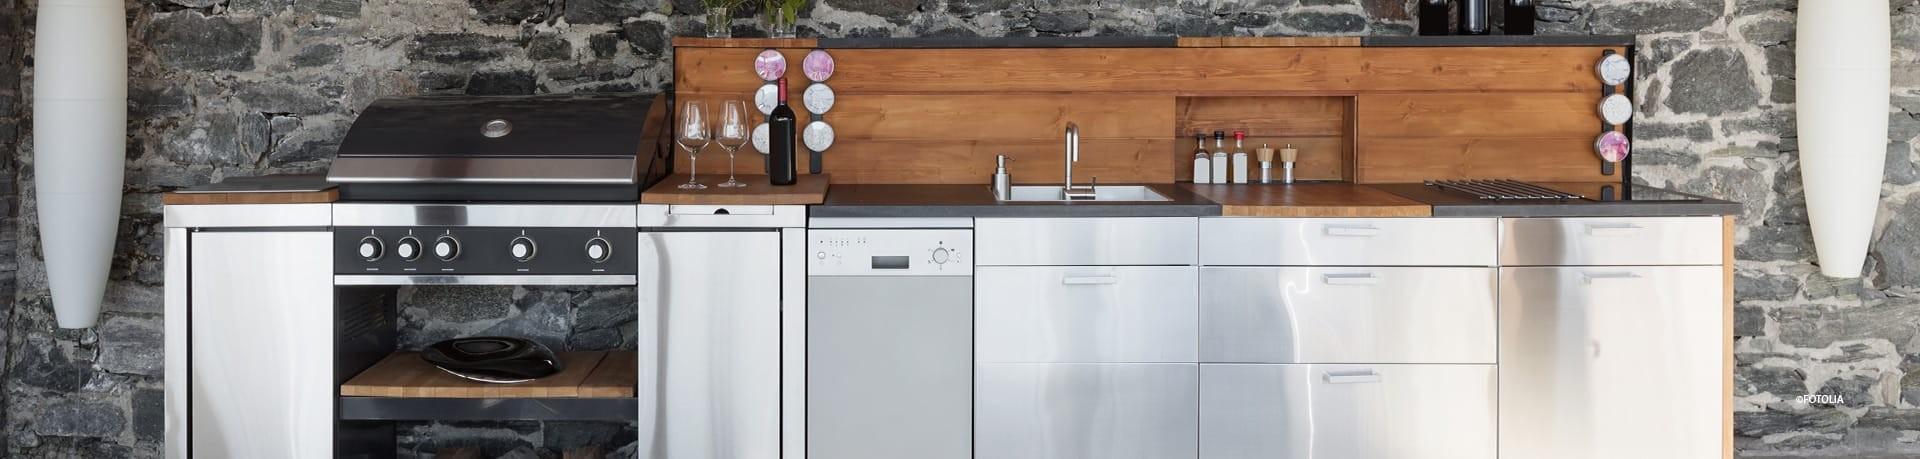 Full Size of Mobile Outdoorküche Trendprojekt Outdoorkche 7 Tipps Rund Um Planung Küche Wohnzimmer Mobile Outdoorküche